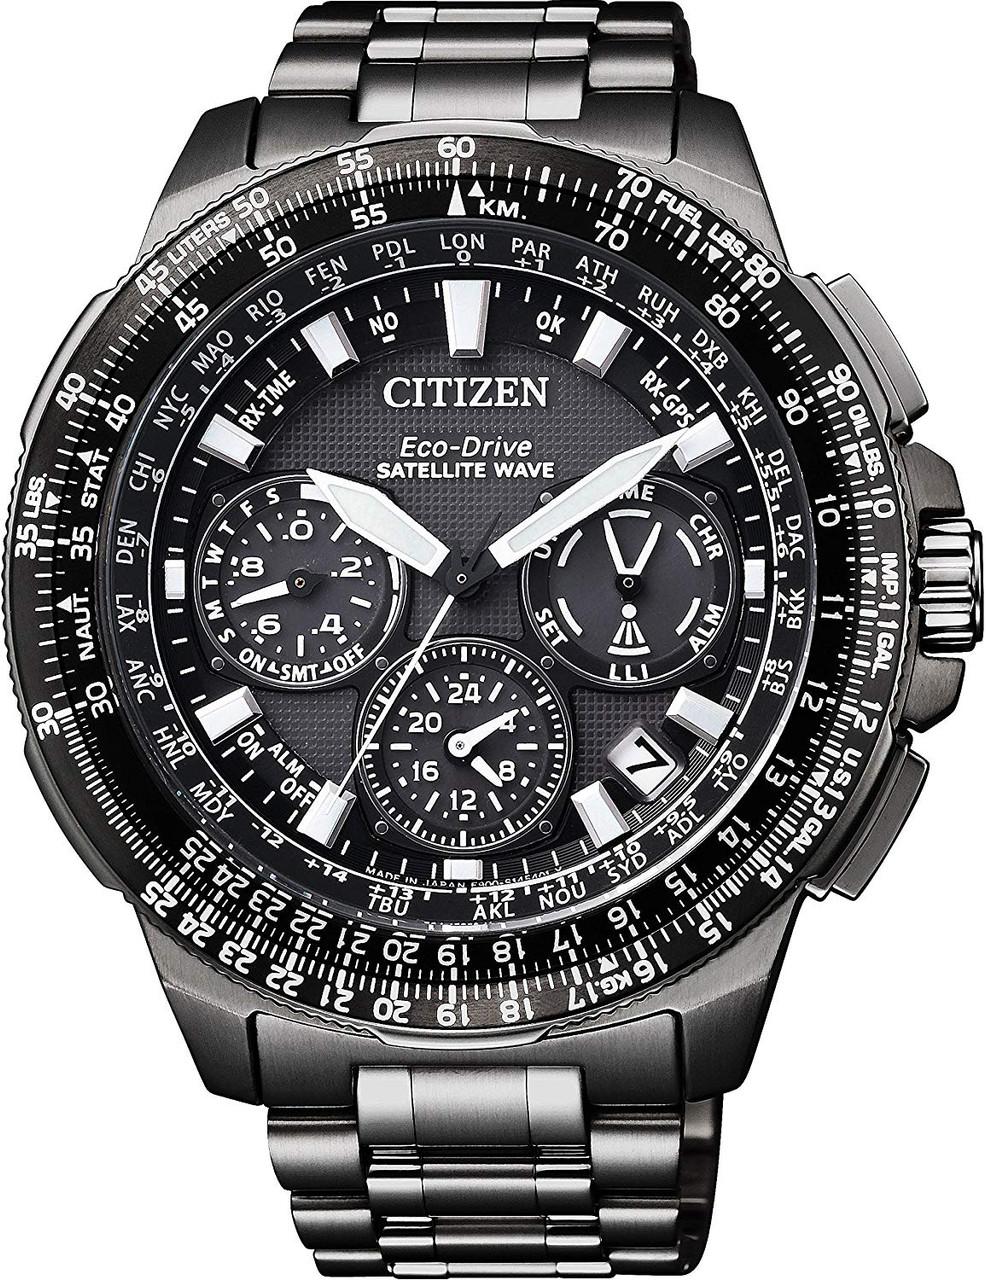 Citizen F900 Satellite Wave CC9025-51E